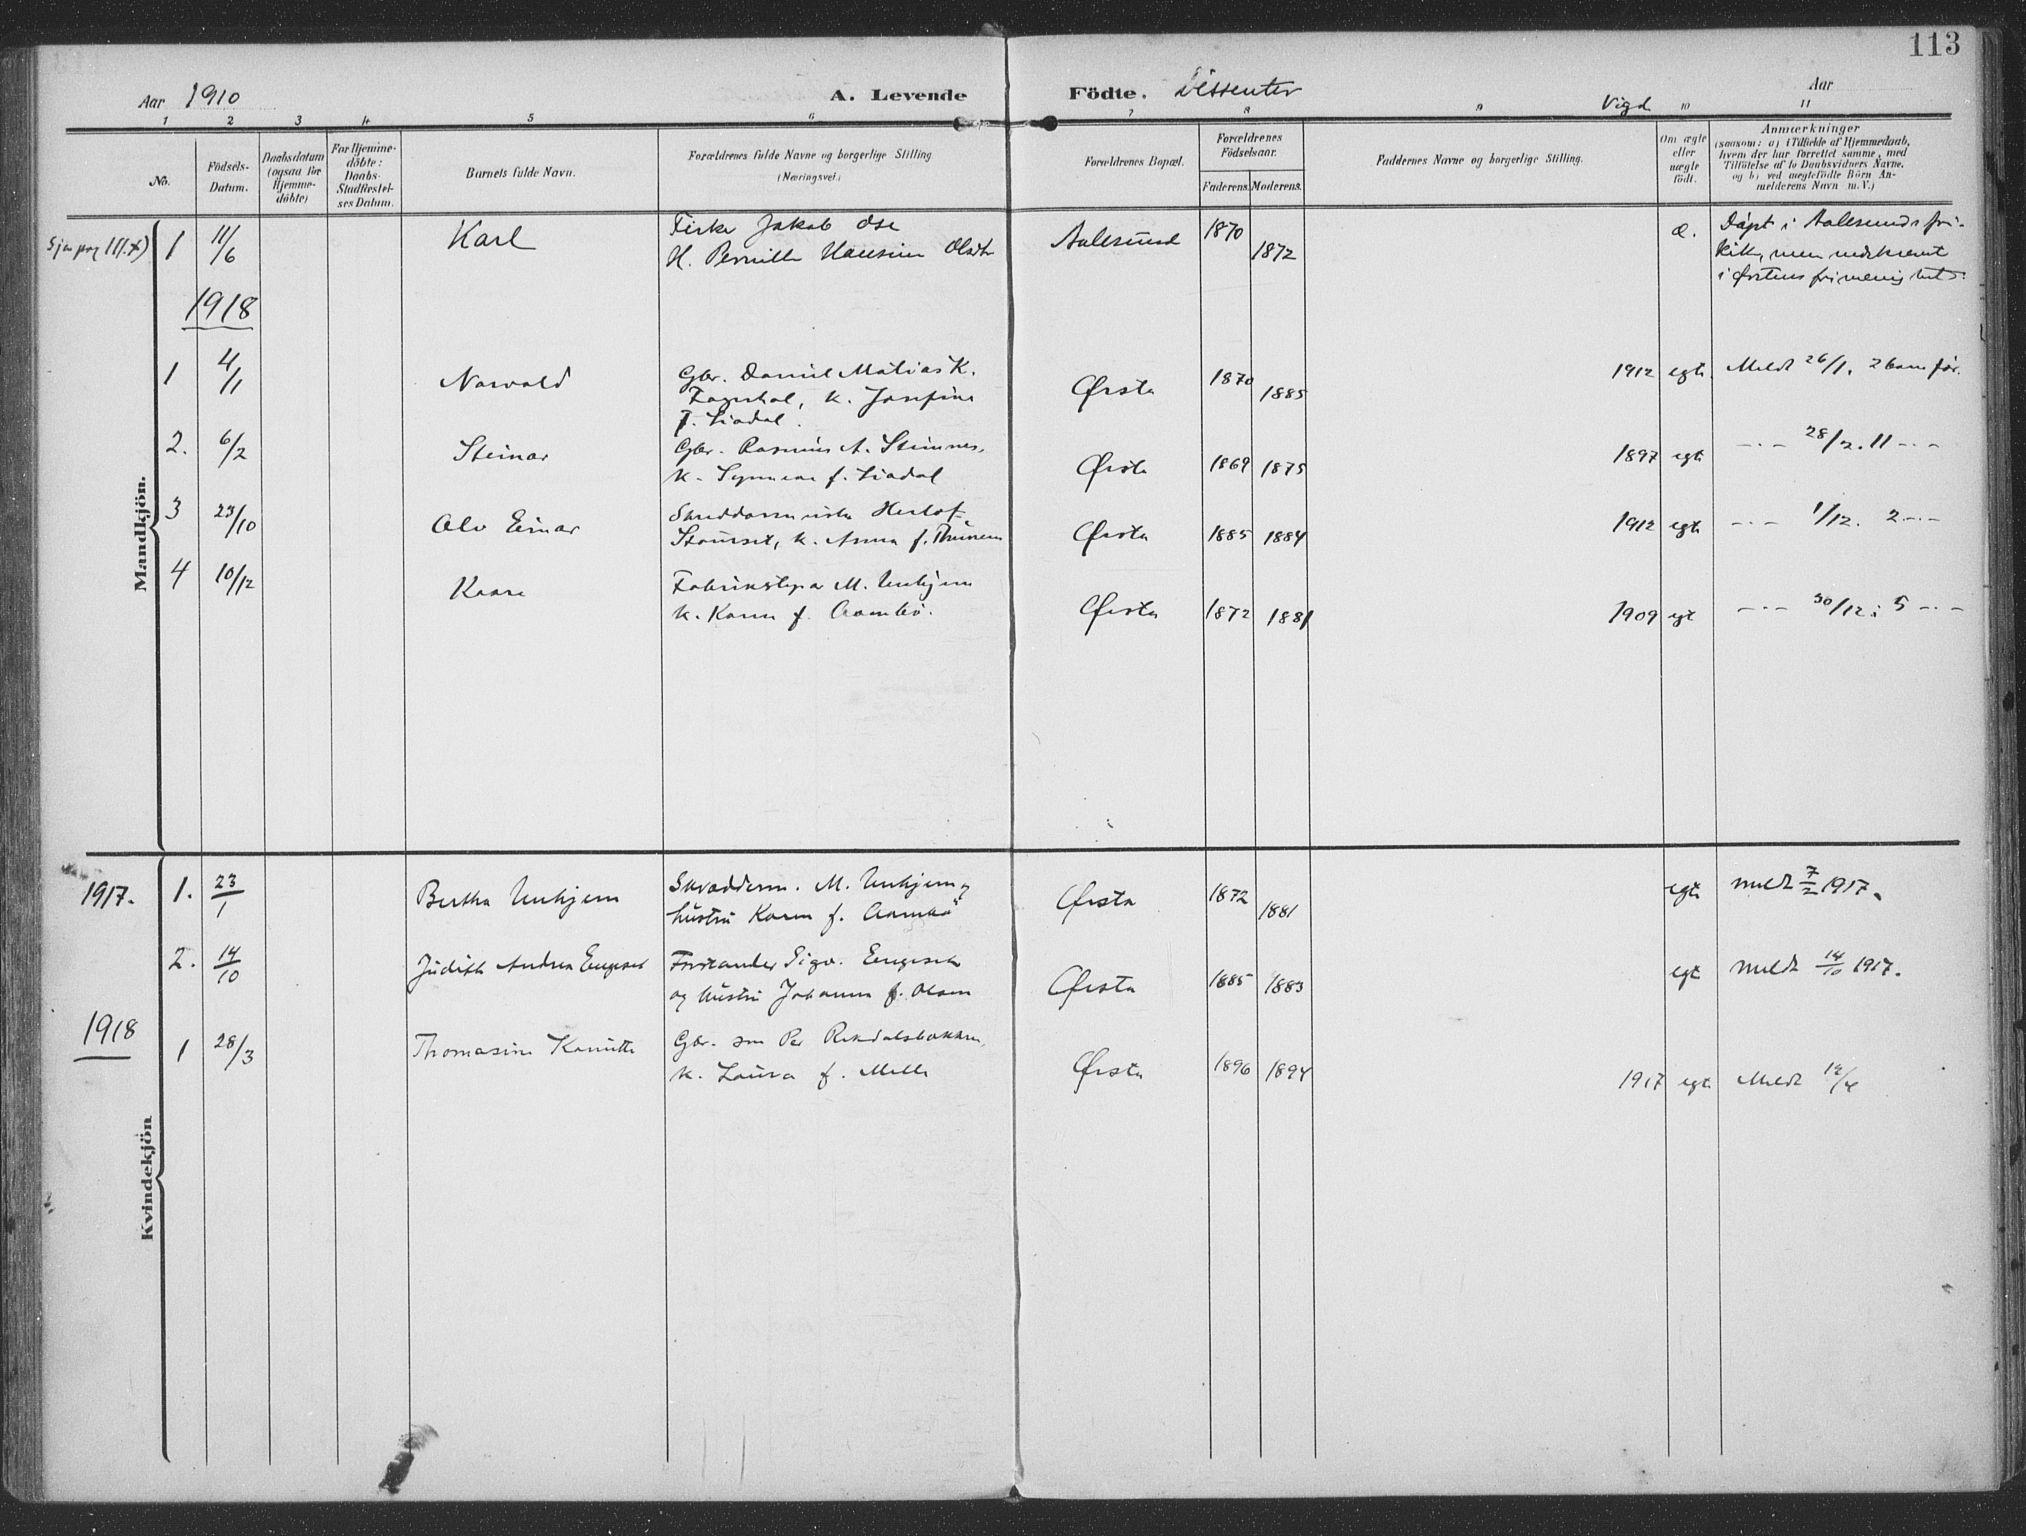 SAT, Ministerialprotokoller, klokkerbøker og fødselsregistre - Møre og Romsdal, 513/L0178: Ministerialbok nr. 513A05, 1906-1919, s. 113